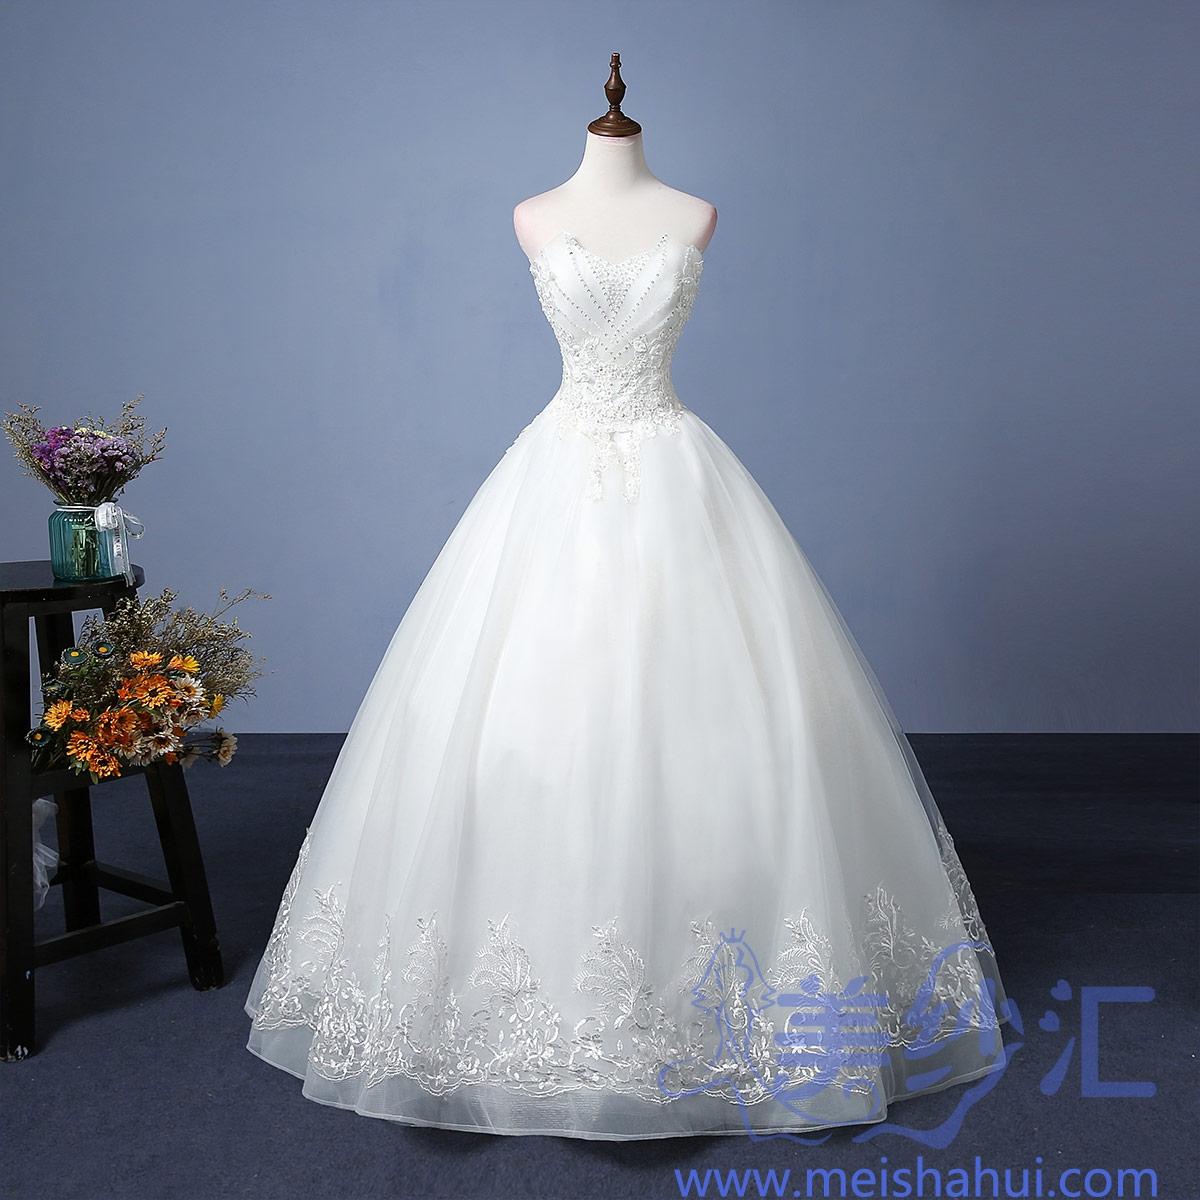 米白色抹胸款蕾丝花边图案新娘结婚当天嫁衣齐地婚纱101101C-202 如图 均码